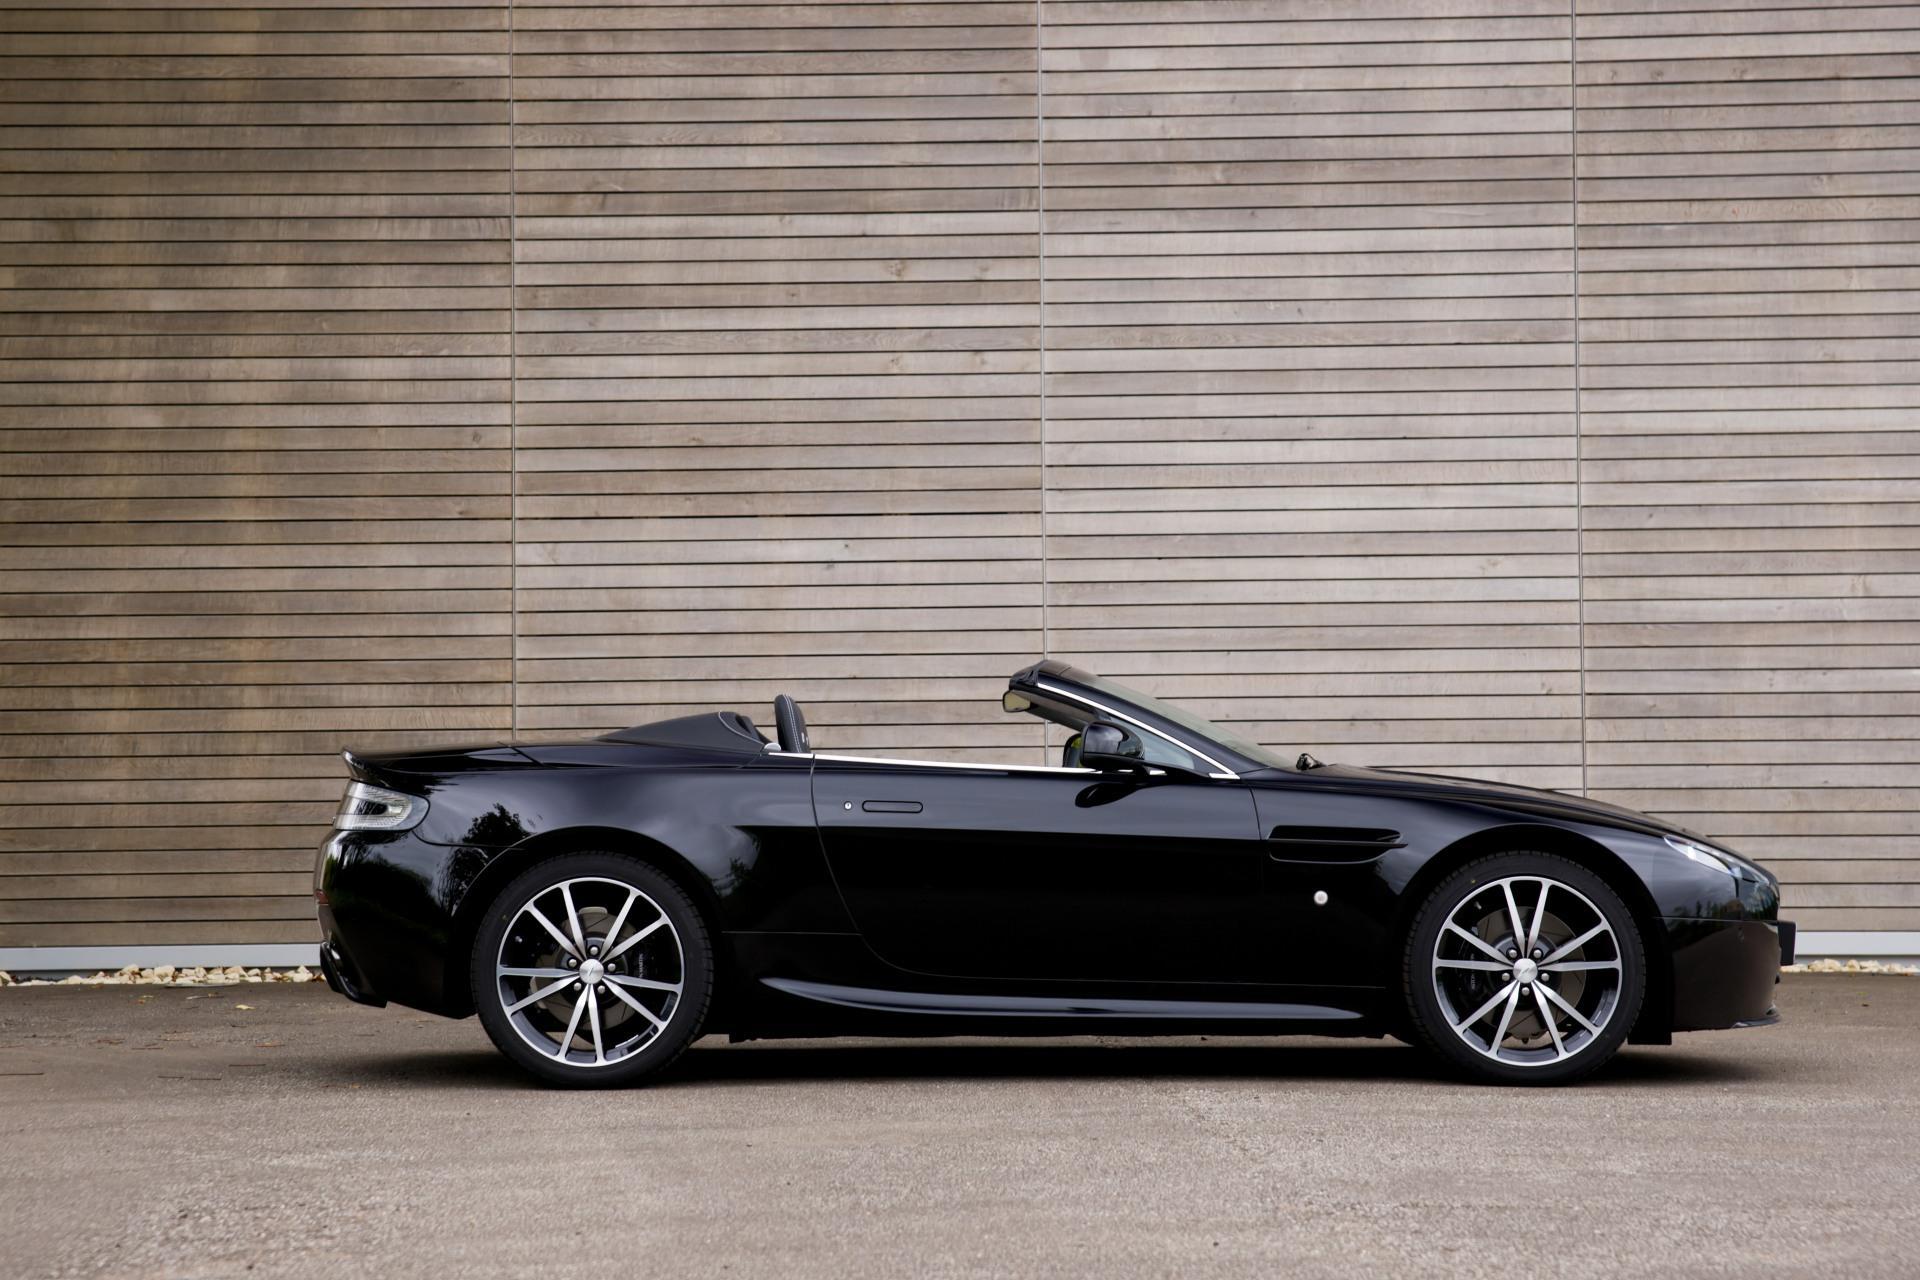 2011 Aston Martin V8 Vantage N420 Roadster News And Information